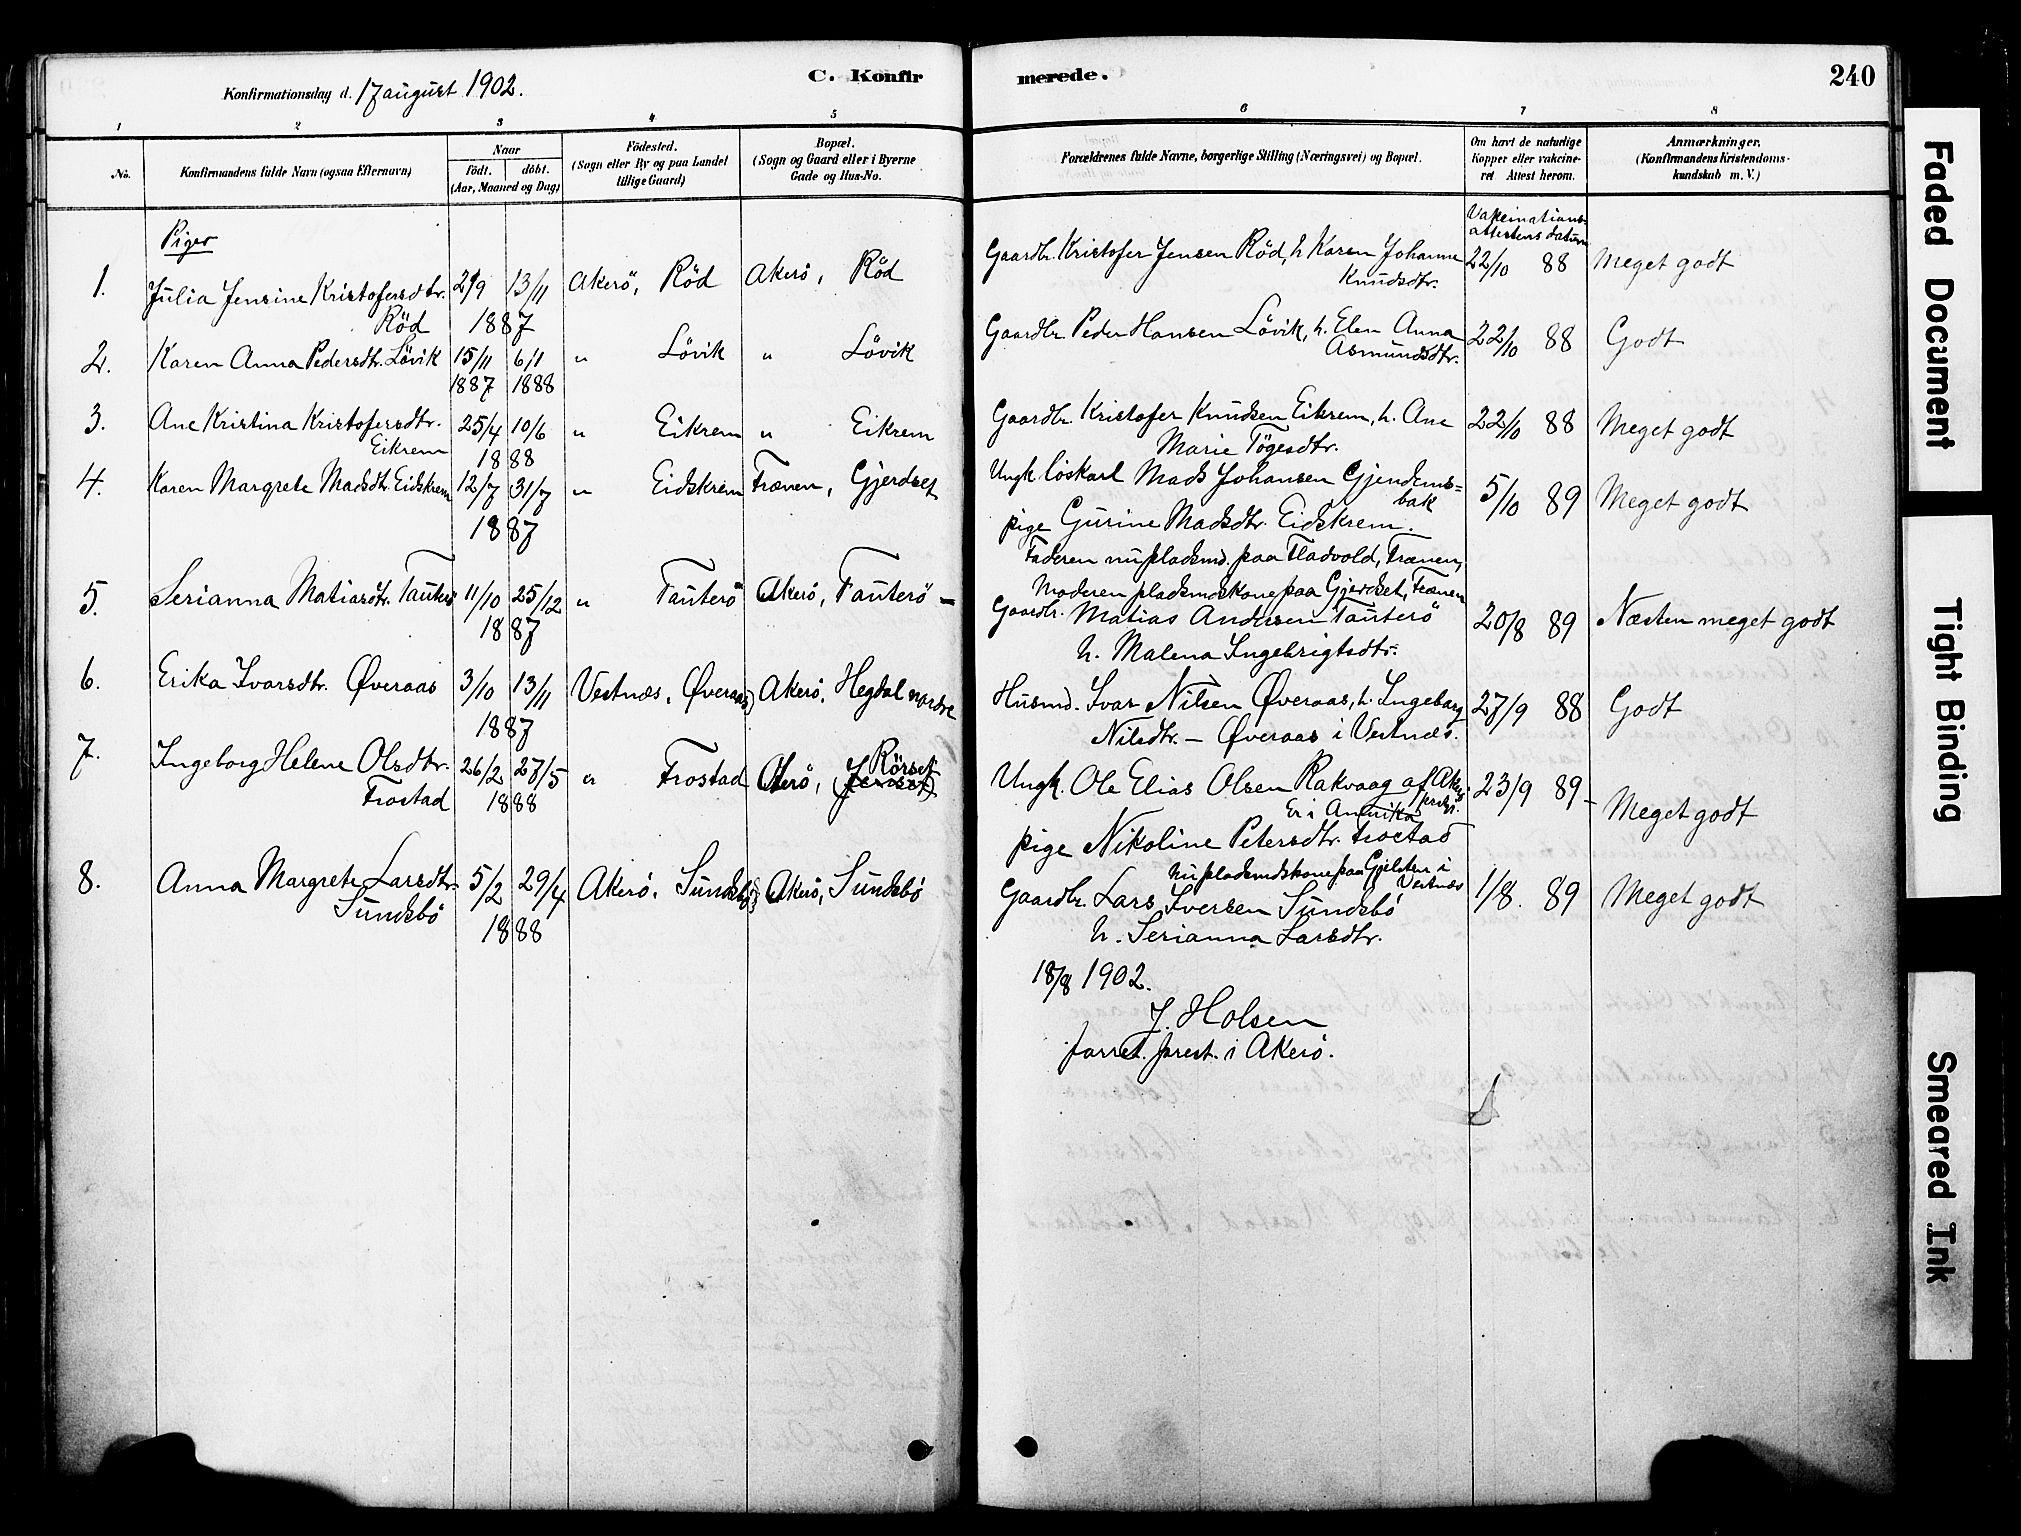 SAT, Ministerialprotokoller, klokkerbøker og fødselsregistre - Møre og Romsdal, 560/L0721: Ministerialbok nr. 560A05, 1878-1917, s. 240